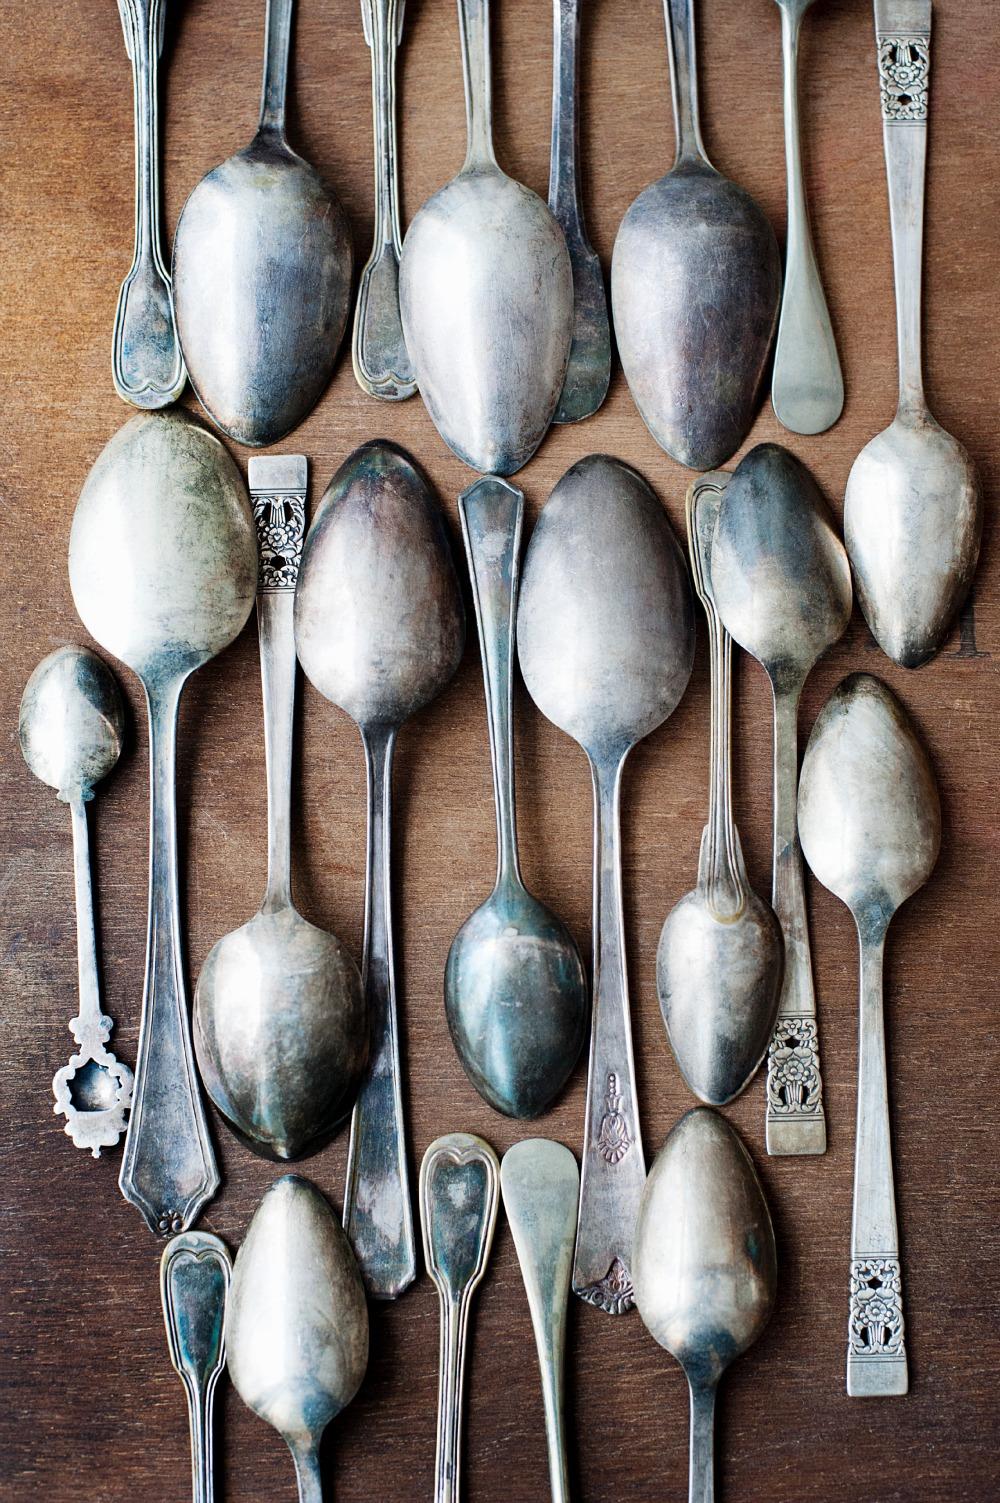 Posate Argento Come Pulirle come pulire l'argento di casa